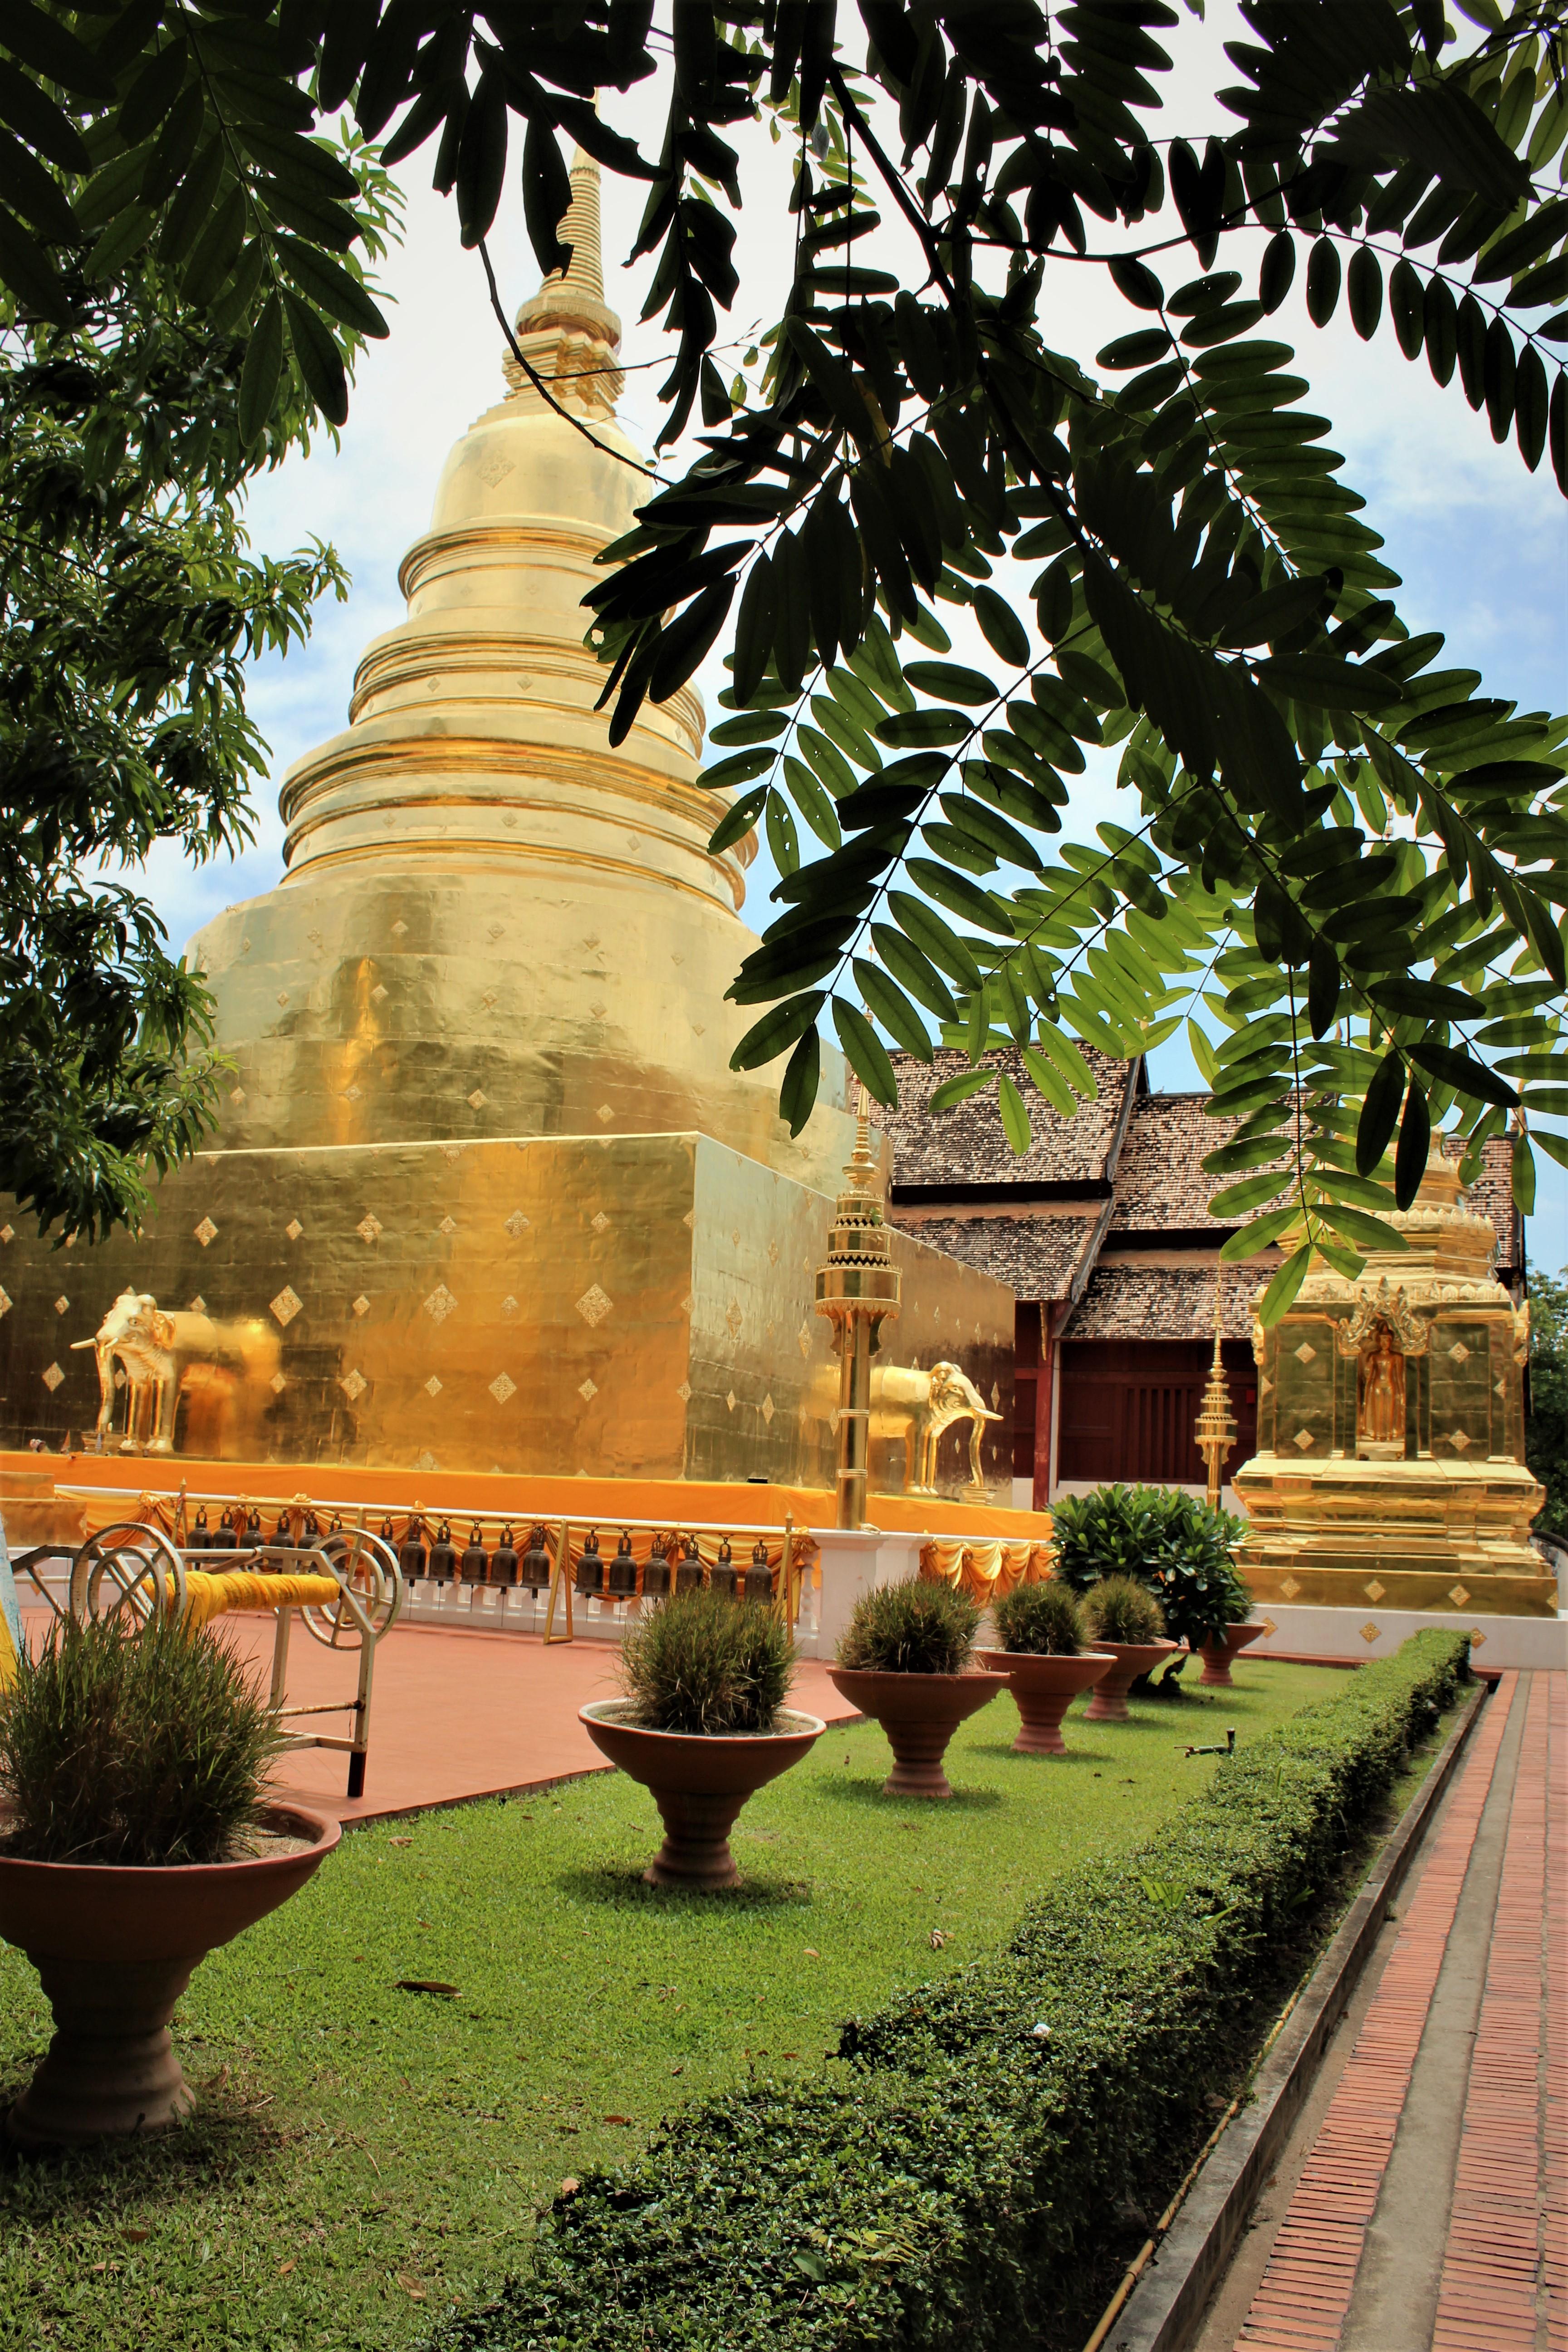 Chiang Mai - Wat Phra Singh - Things to do in Chiang Mai